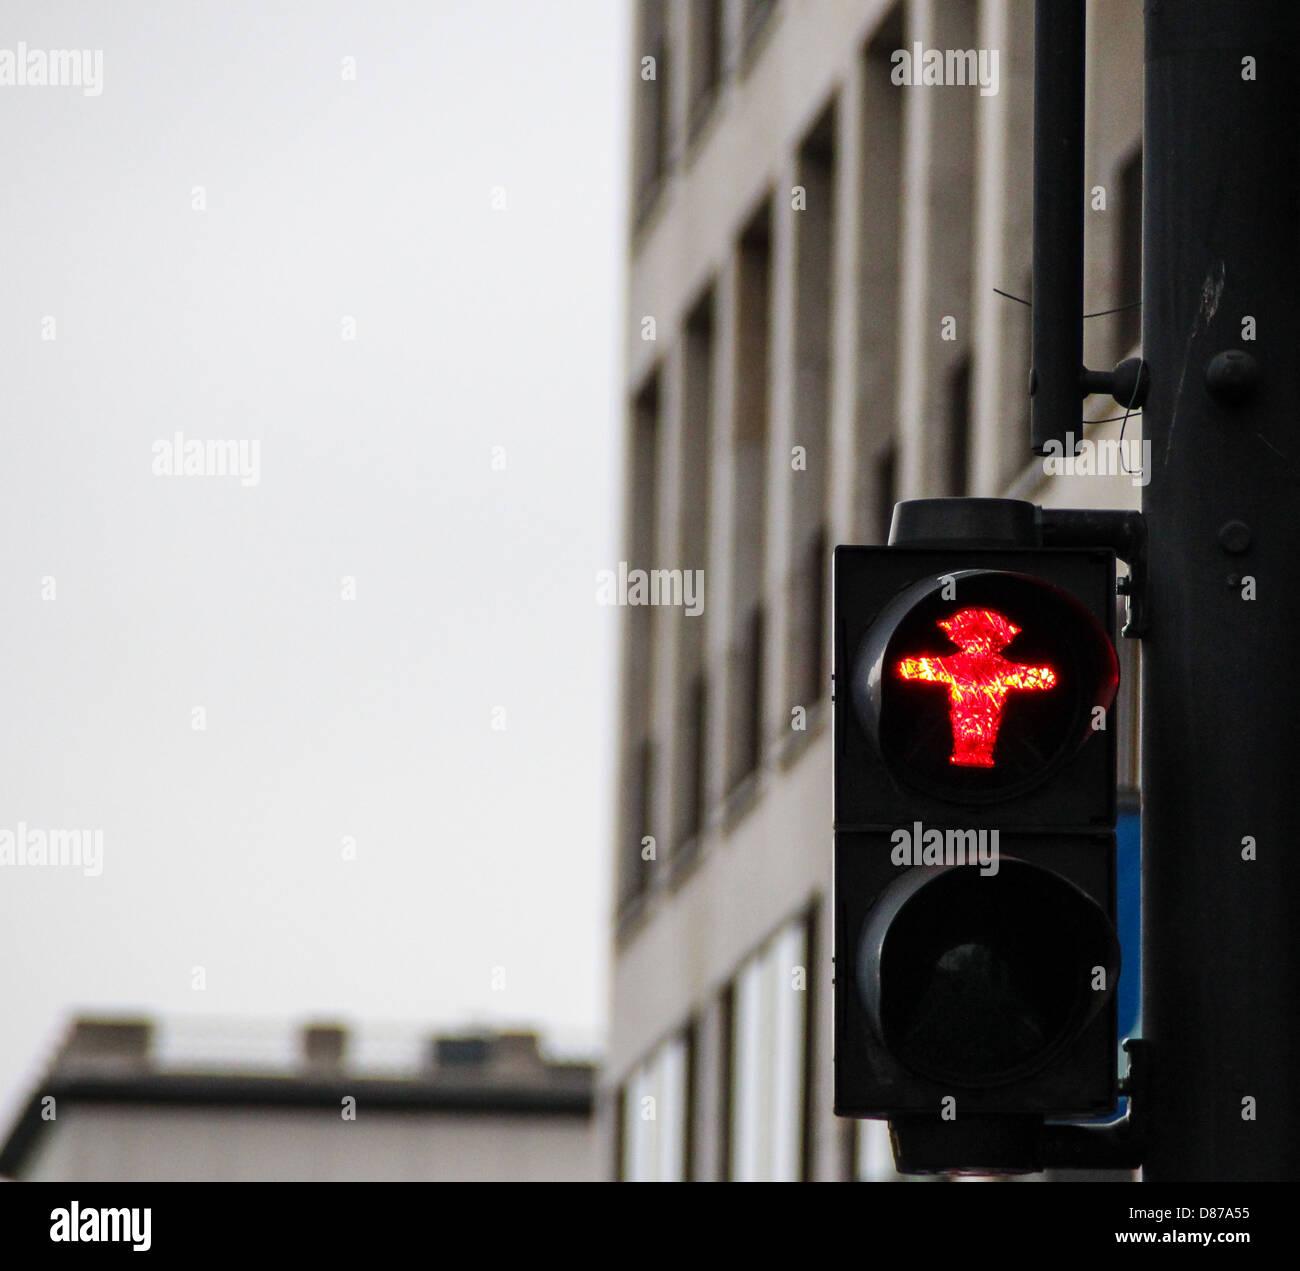 Fußgängerampel in Berlin, mit traditionellen roten Männlein Ampelmann, Symbol für alle Ampeln in Berlin Stockfoto